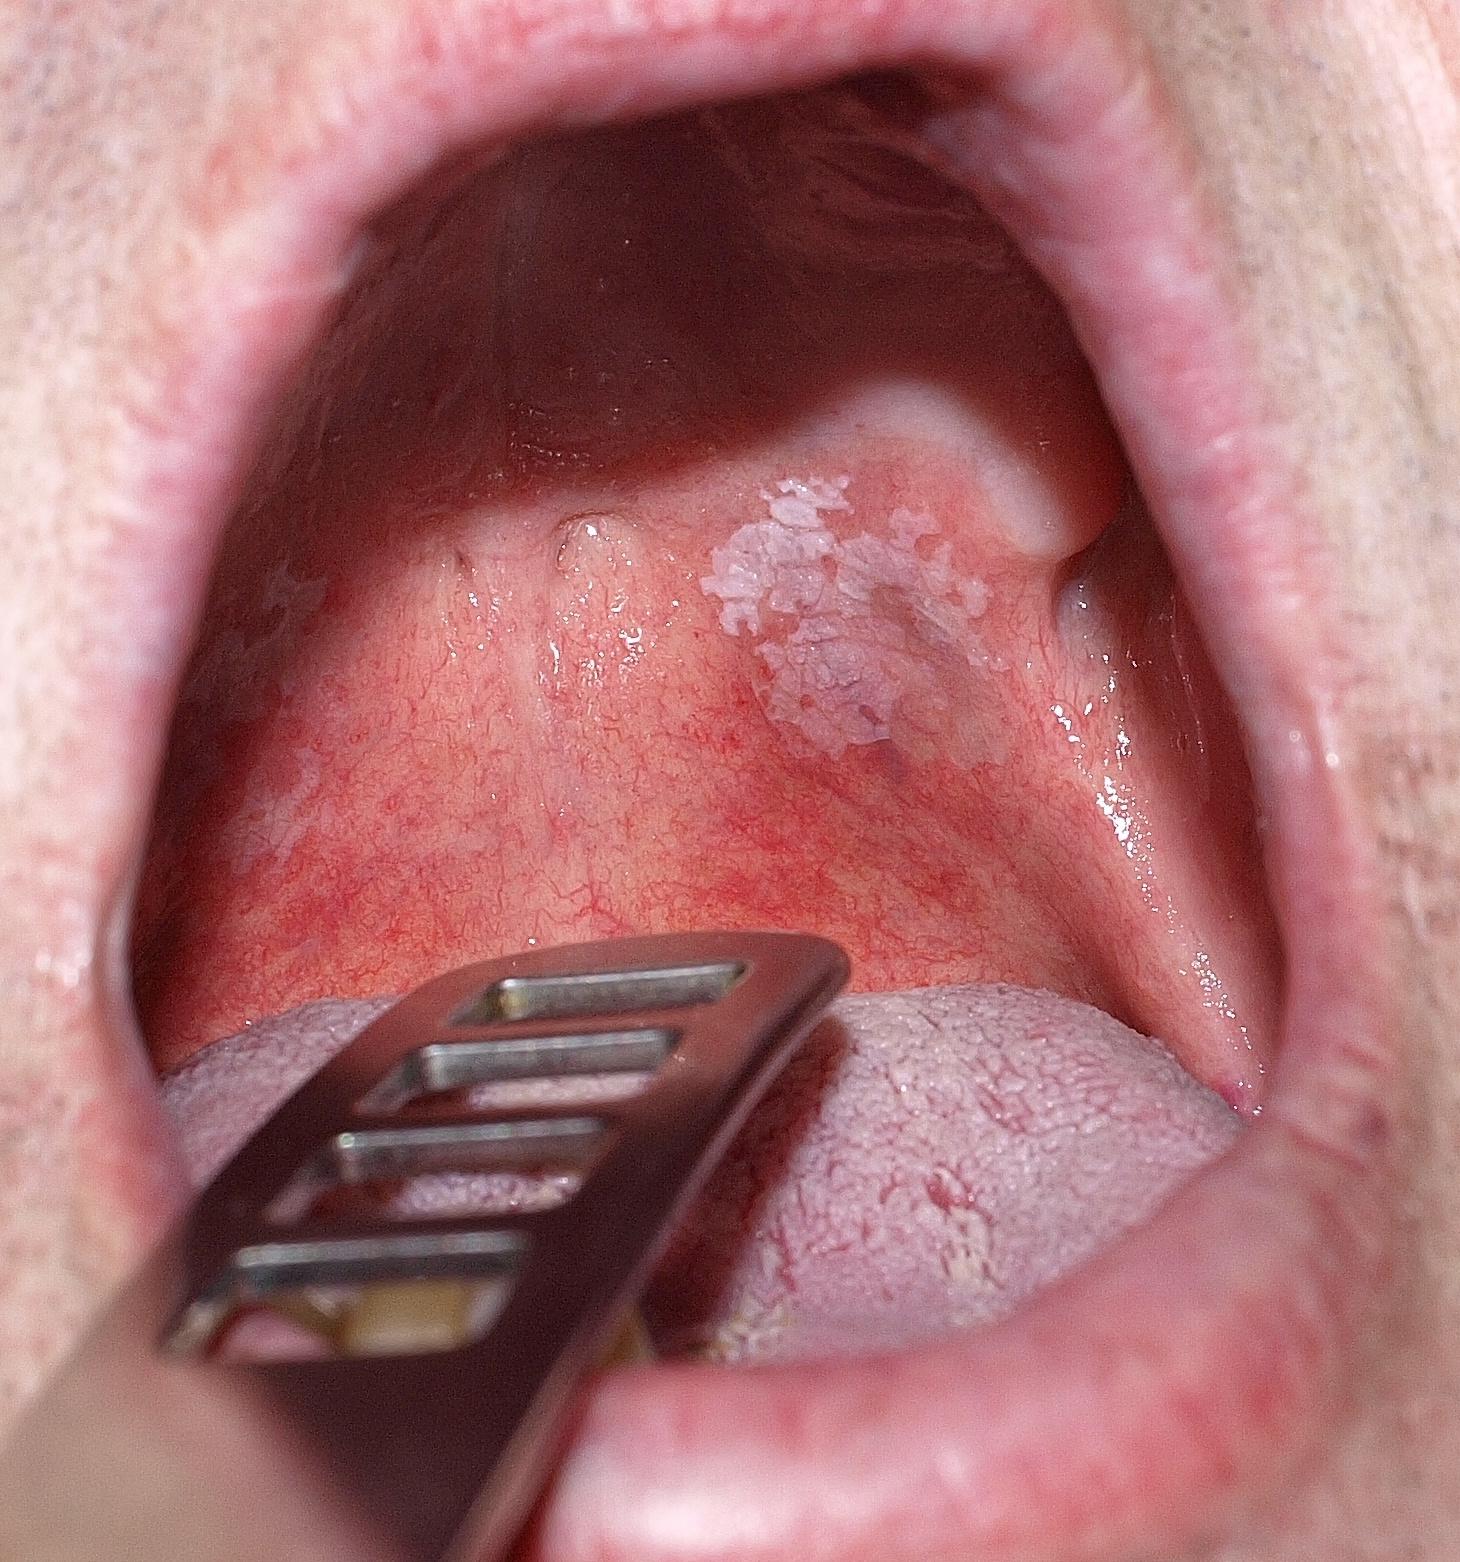 A HPV a szájban is rákot okoz, de most elcsíphetik - HáziPatika